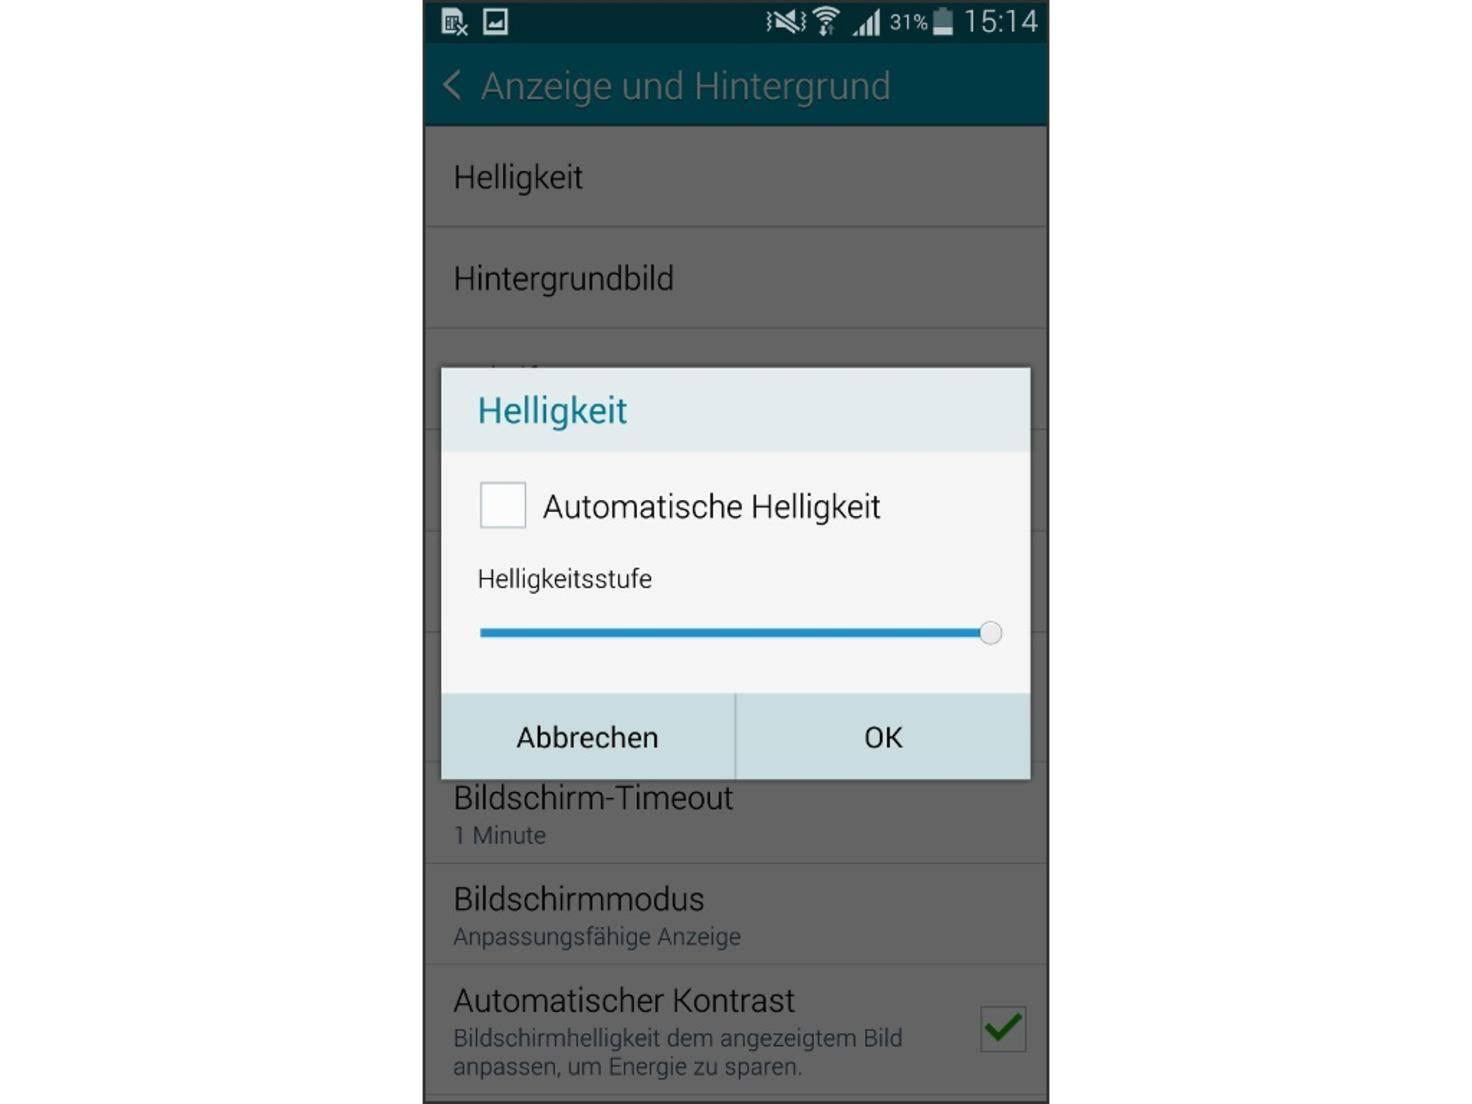 Das Samsung Galaxy Note 4 kann die Helligkeit auch automatisch regeln.